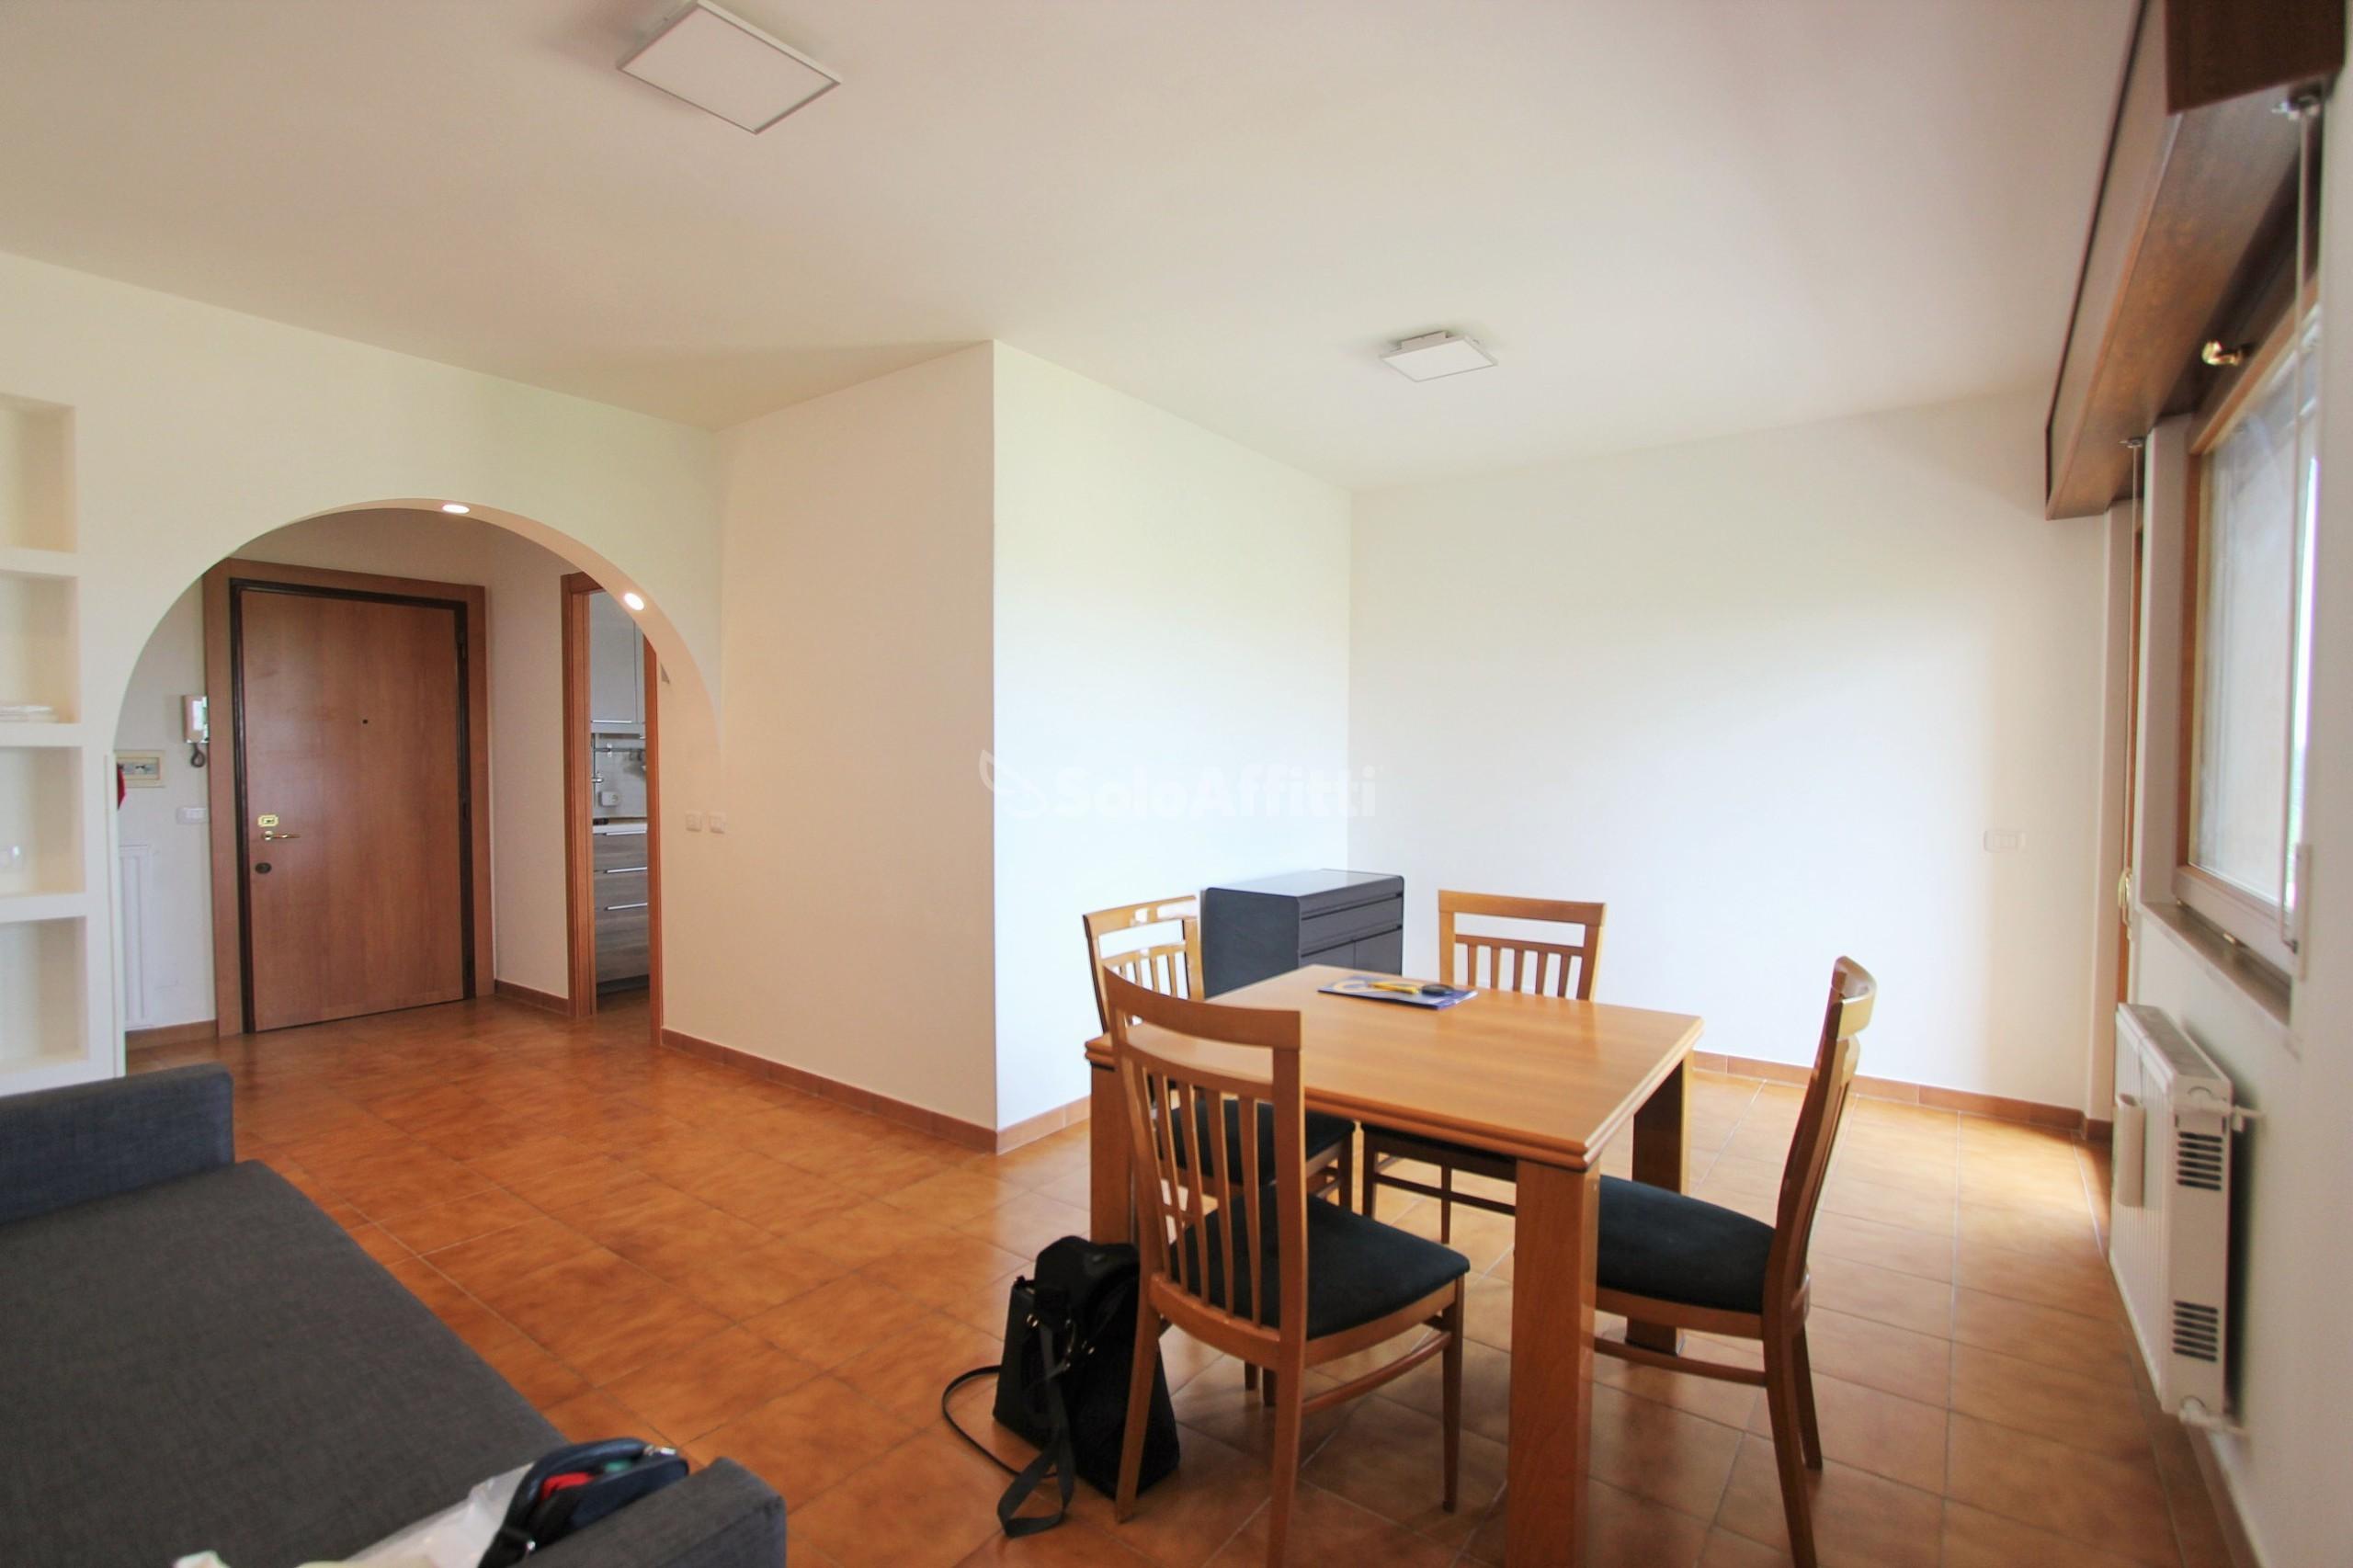 Appartamento Quadrilocale Arredato 6 vani